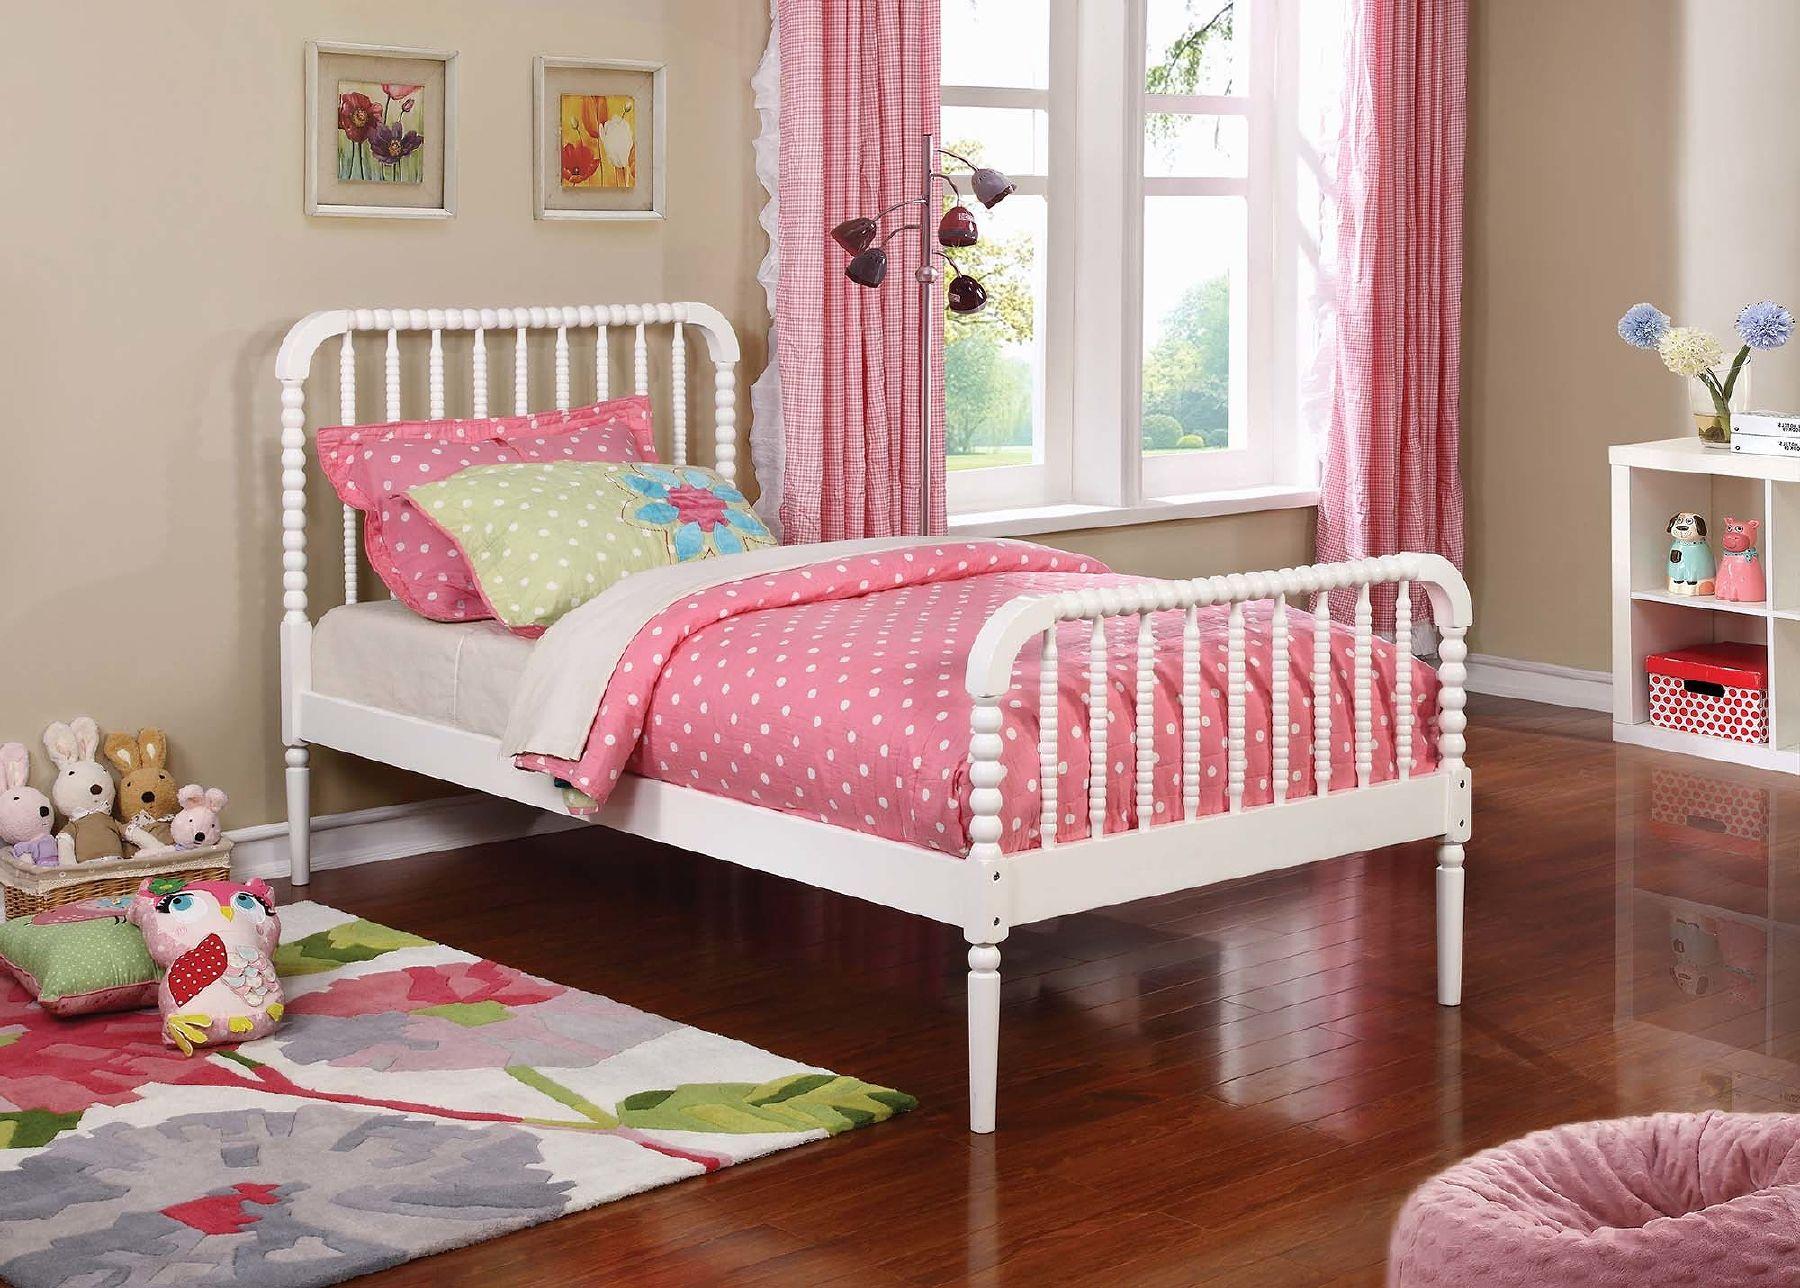 NE Kids Walnut Street Hayden Spindle Twin Bed Chestnut